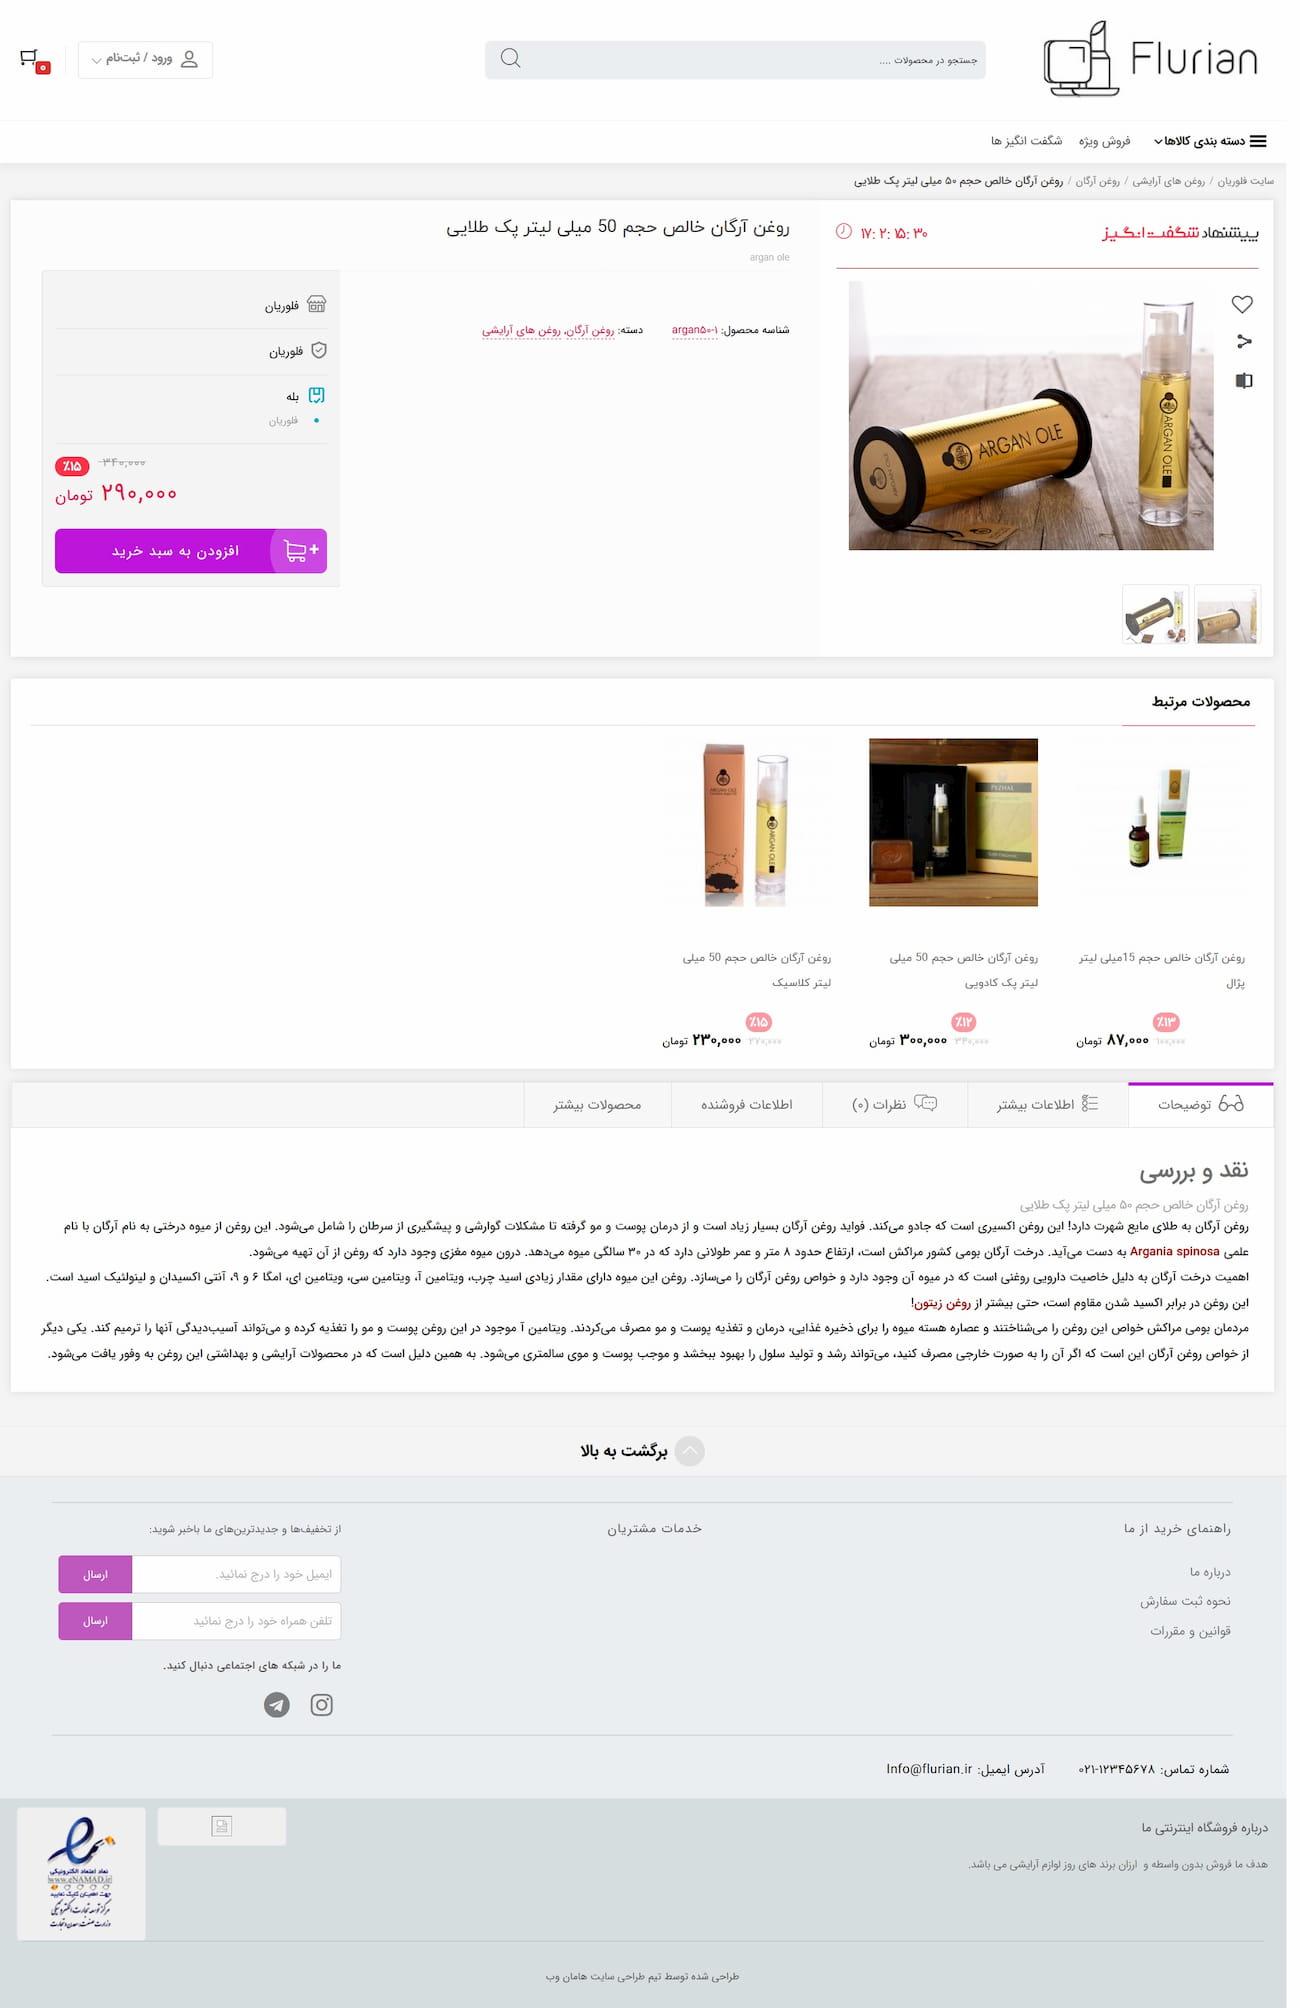 فروشگاه آنلاین آرایشی و بهداشتی